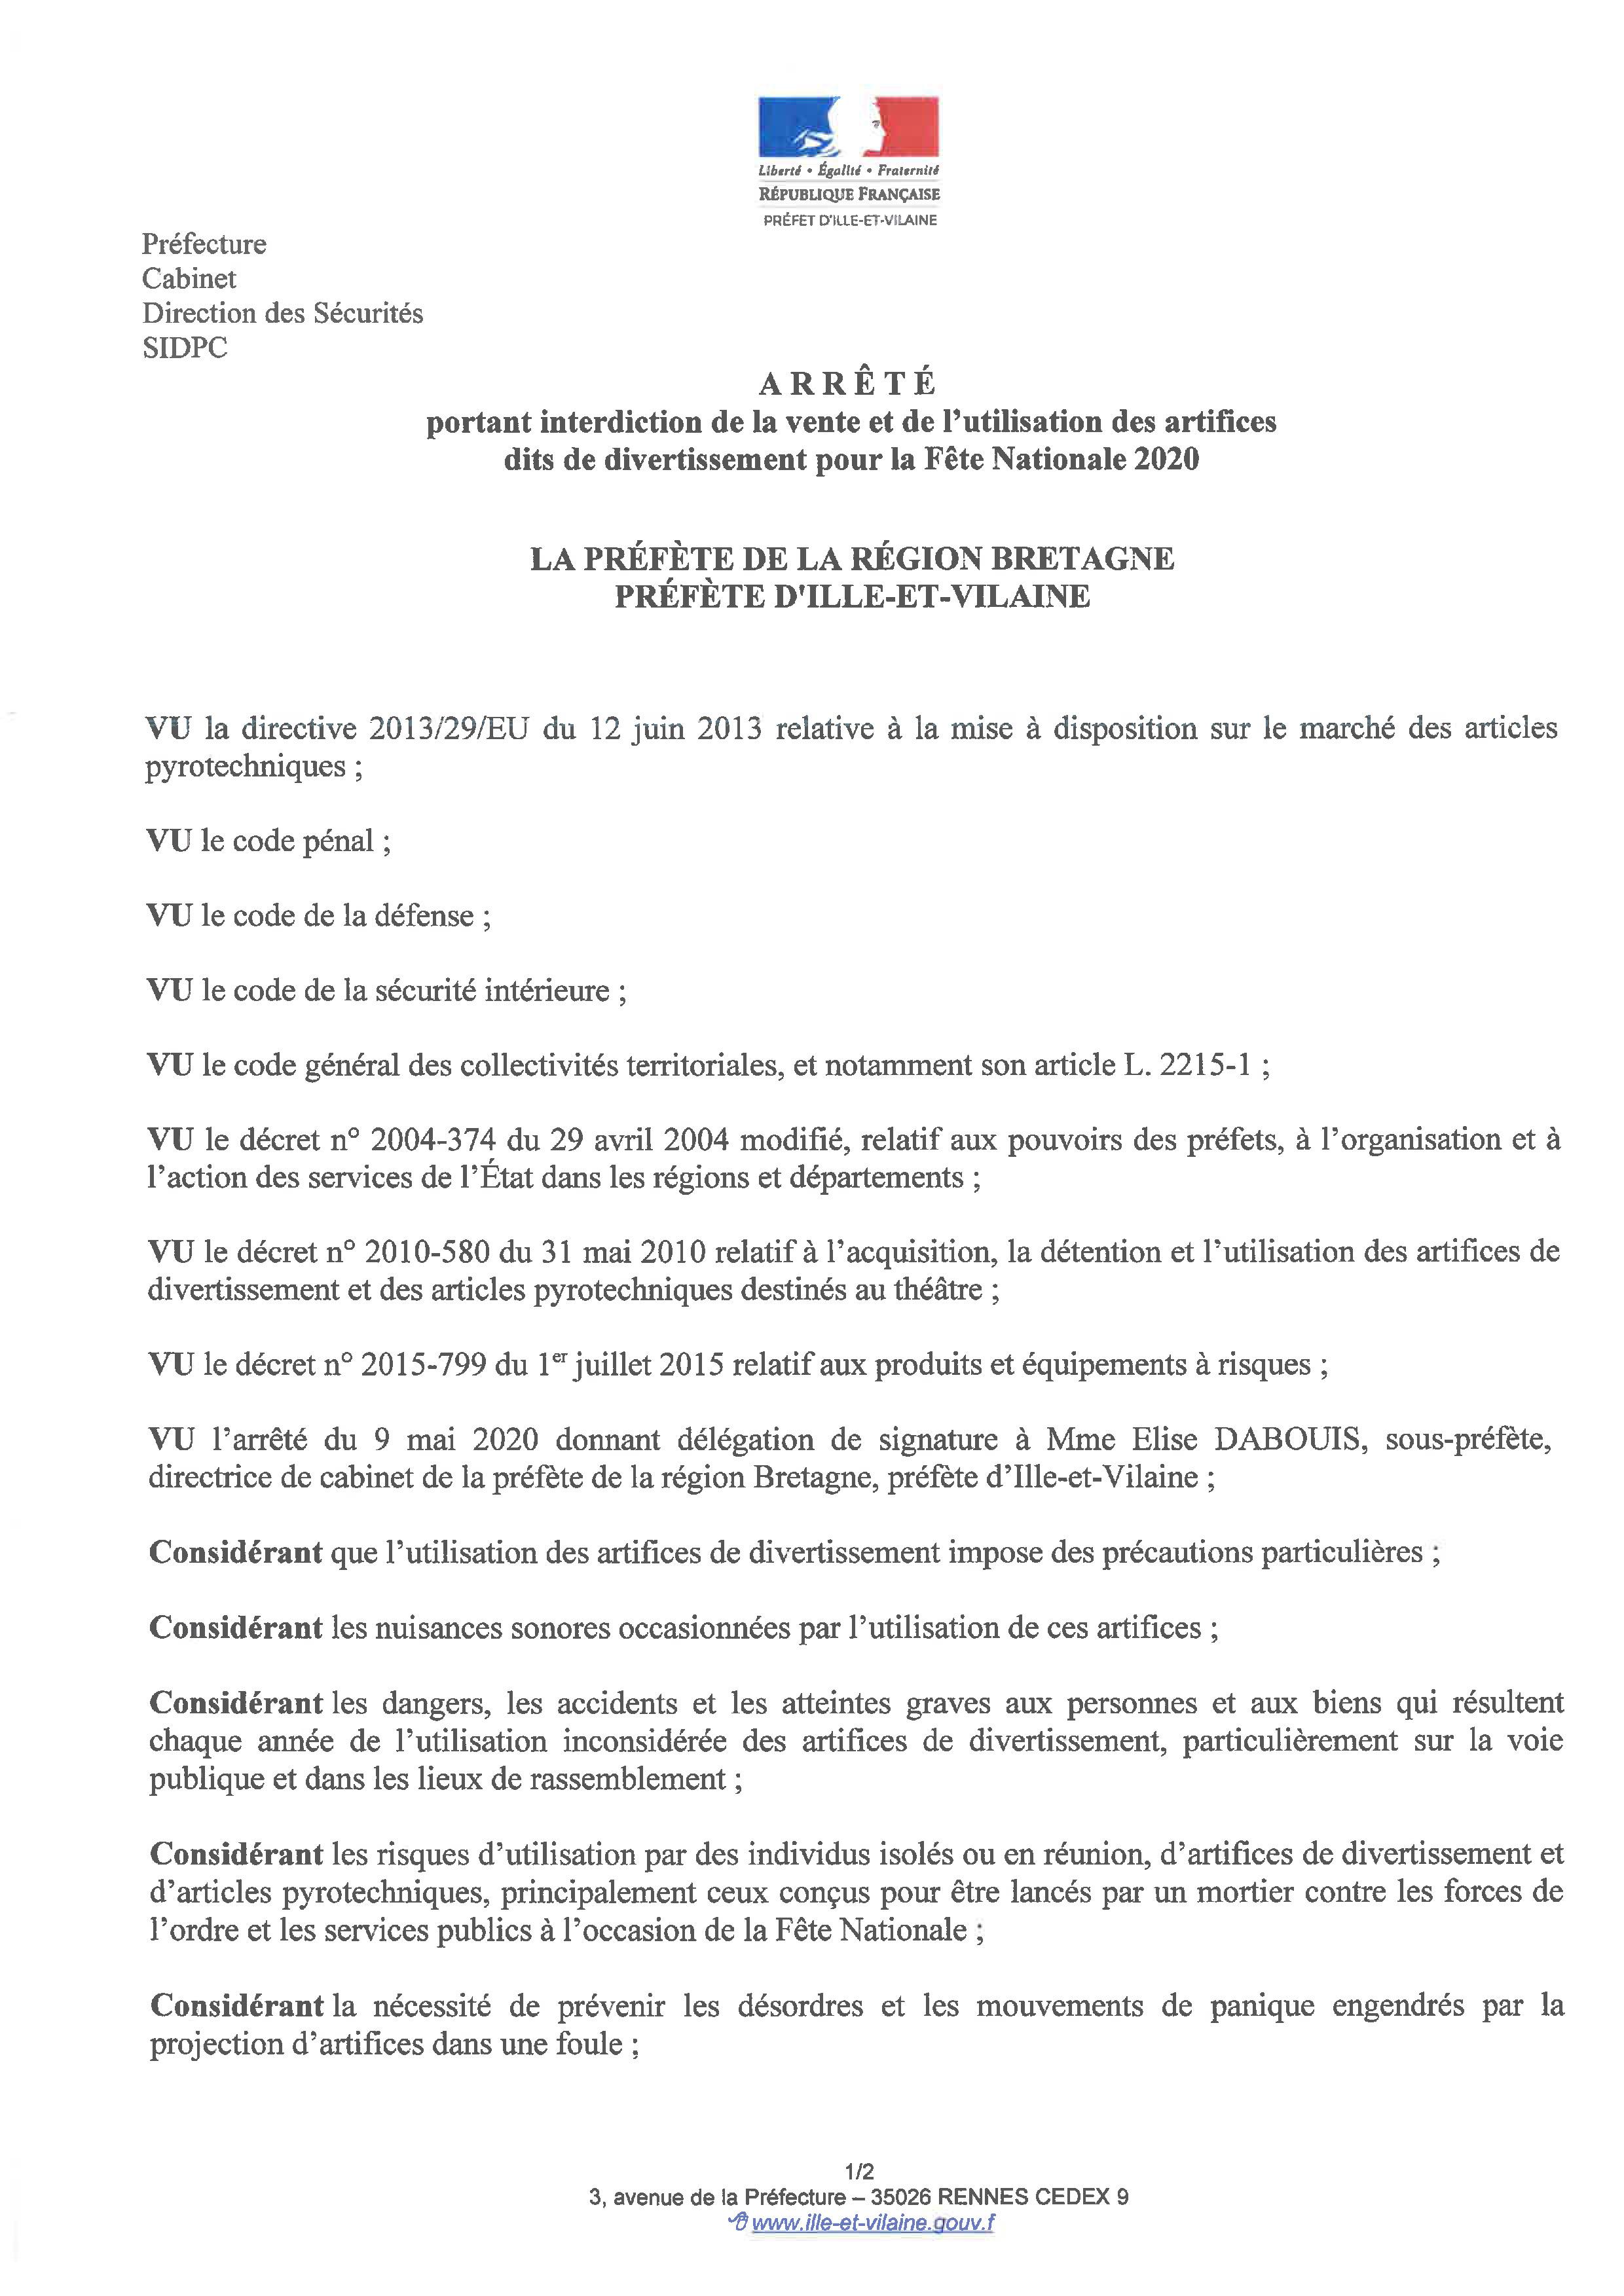 Arrêté préfectoral : Interdiction de vente et d'utilisation des artifices pour la Fête Nationale